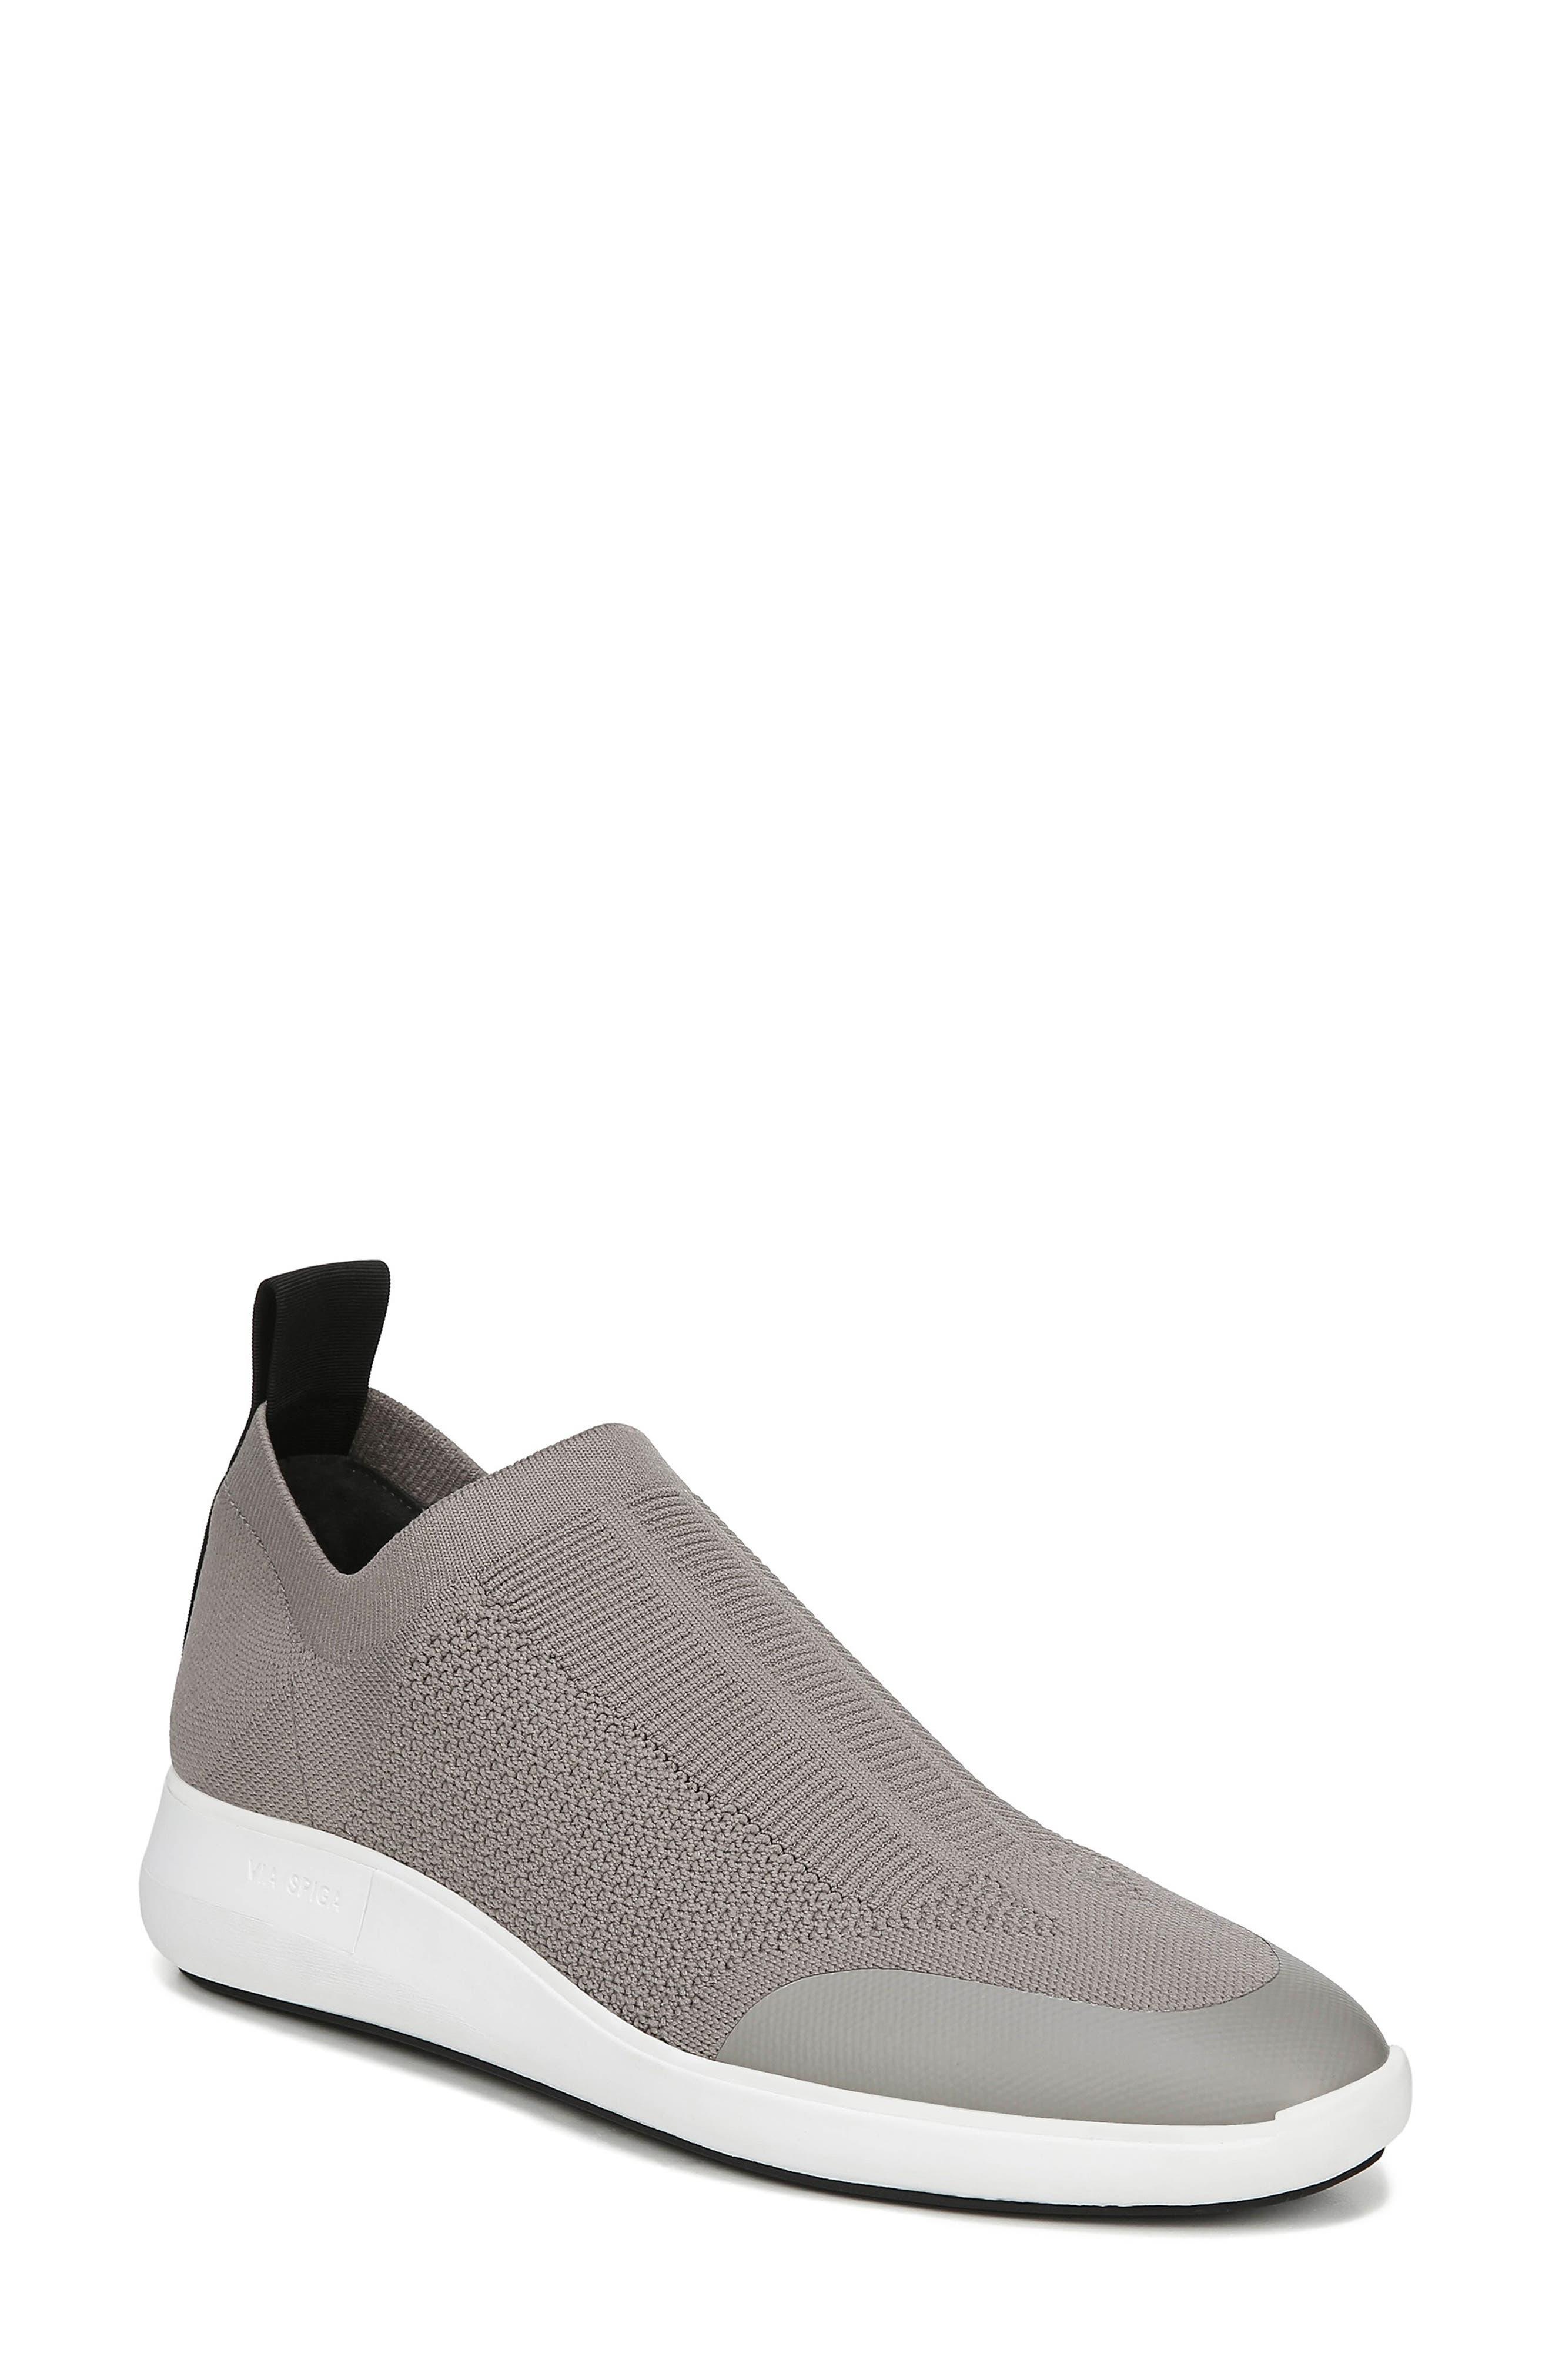 Marlow 5 Wedge Sock Sneaker in Mink